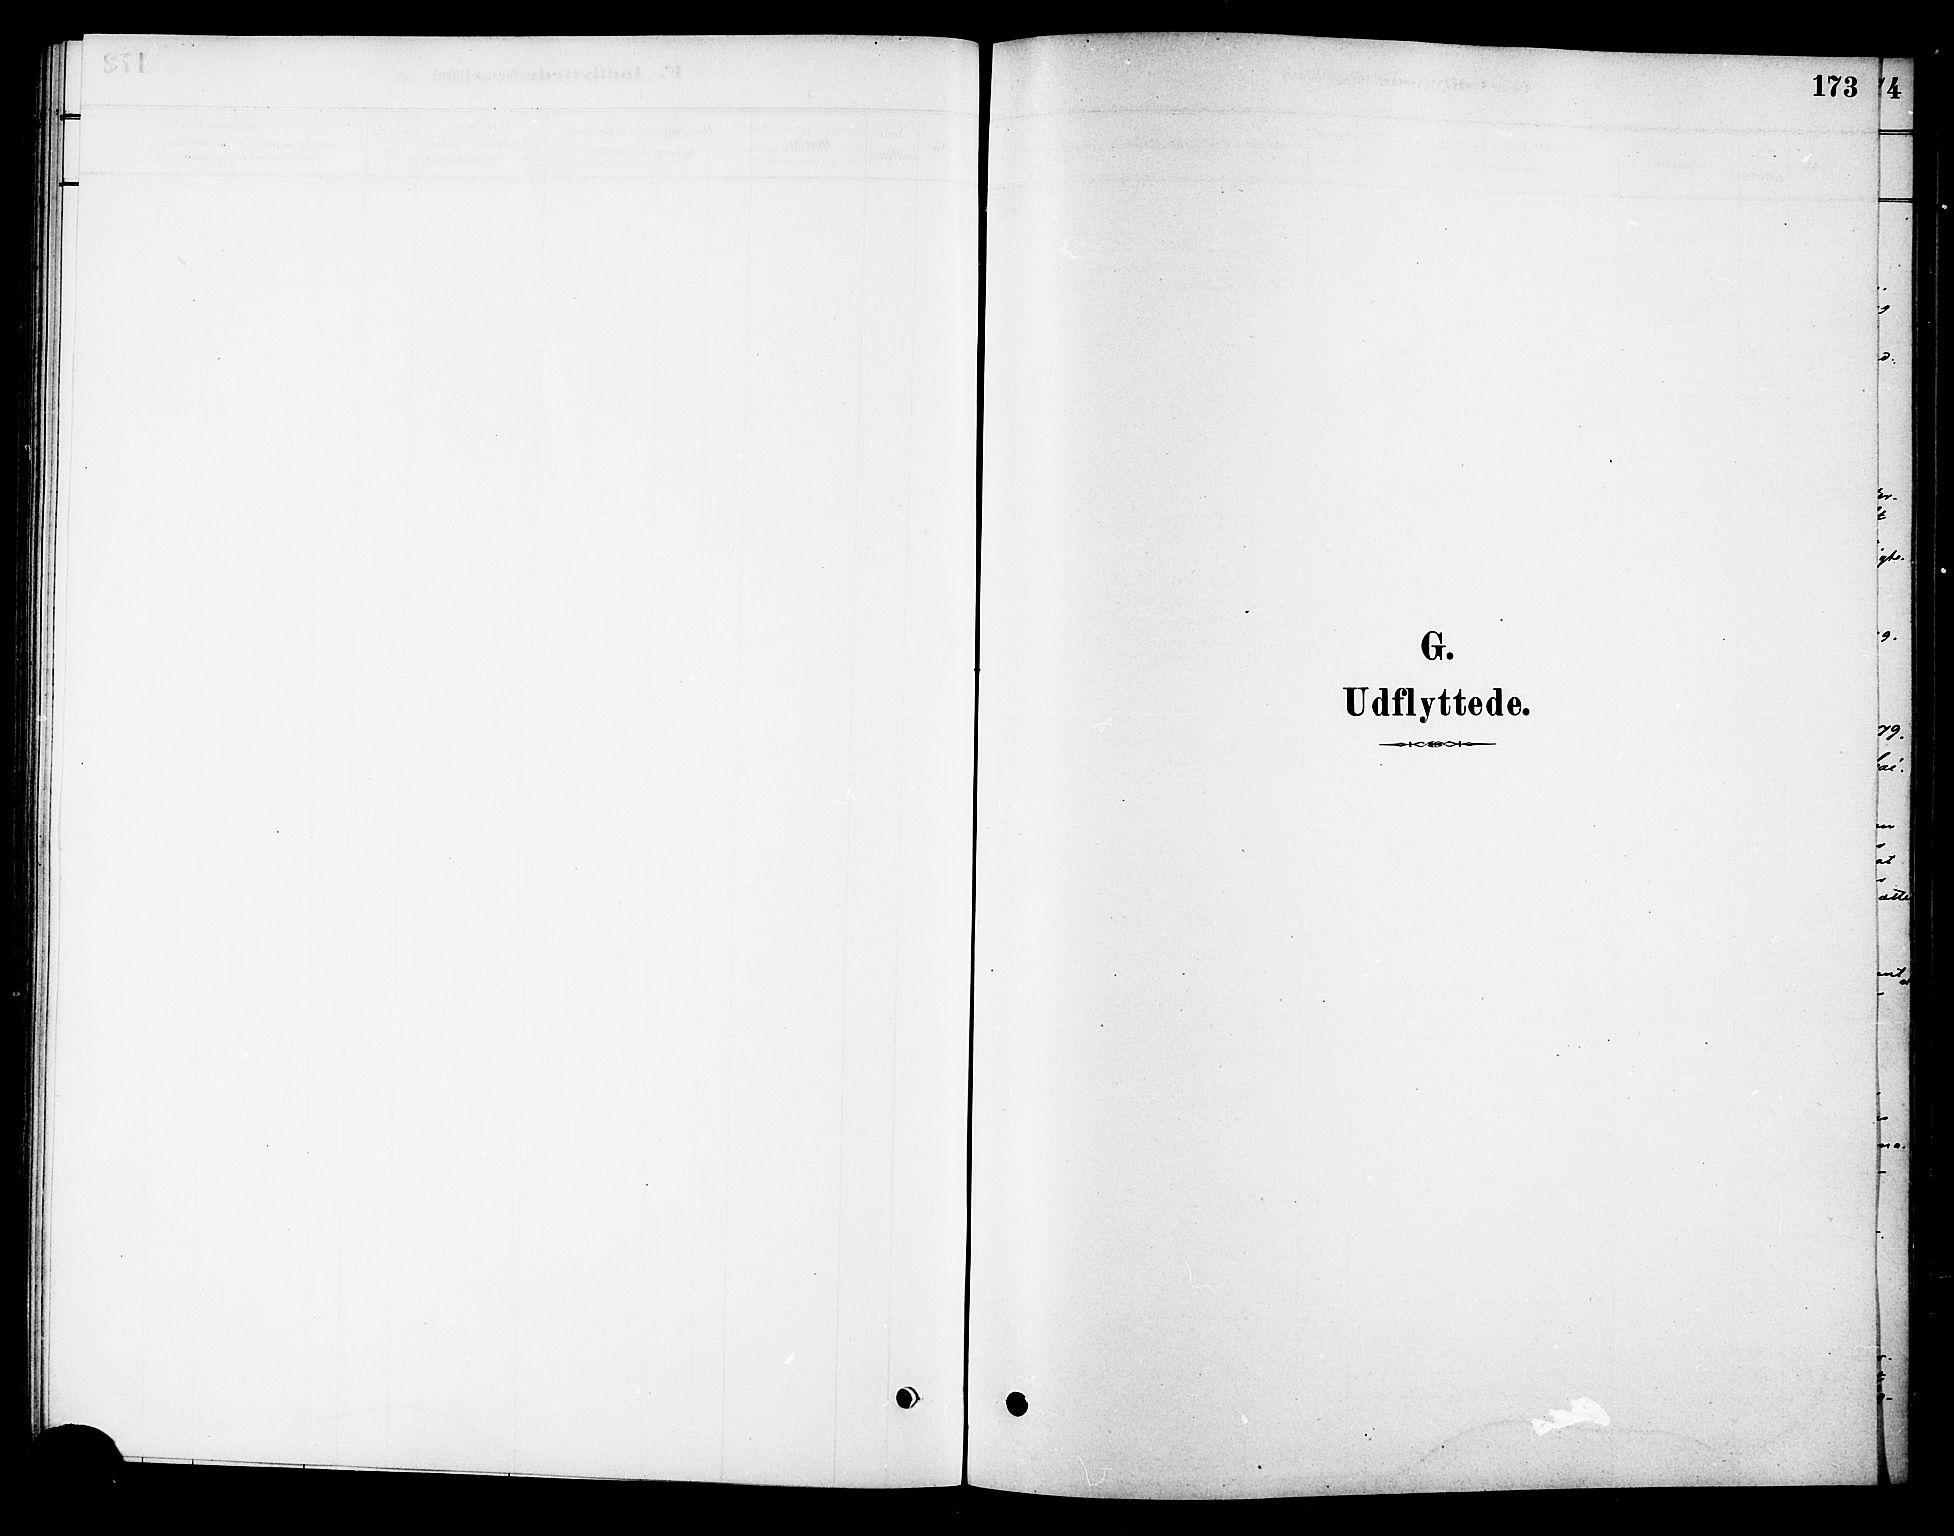 SAT, Ministerialprotokoller, klokkerbøker og fødselsregistre - Sør-Trøndelag, 688/L1024: Ministerialbok nr. 688A01, 1879-1890, s. 173